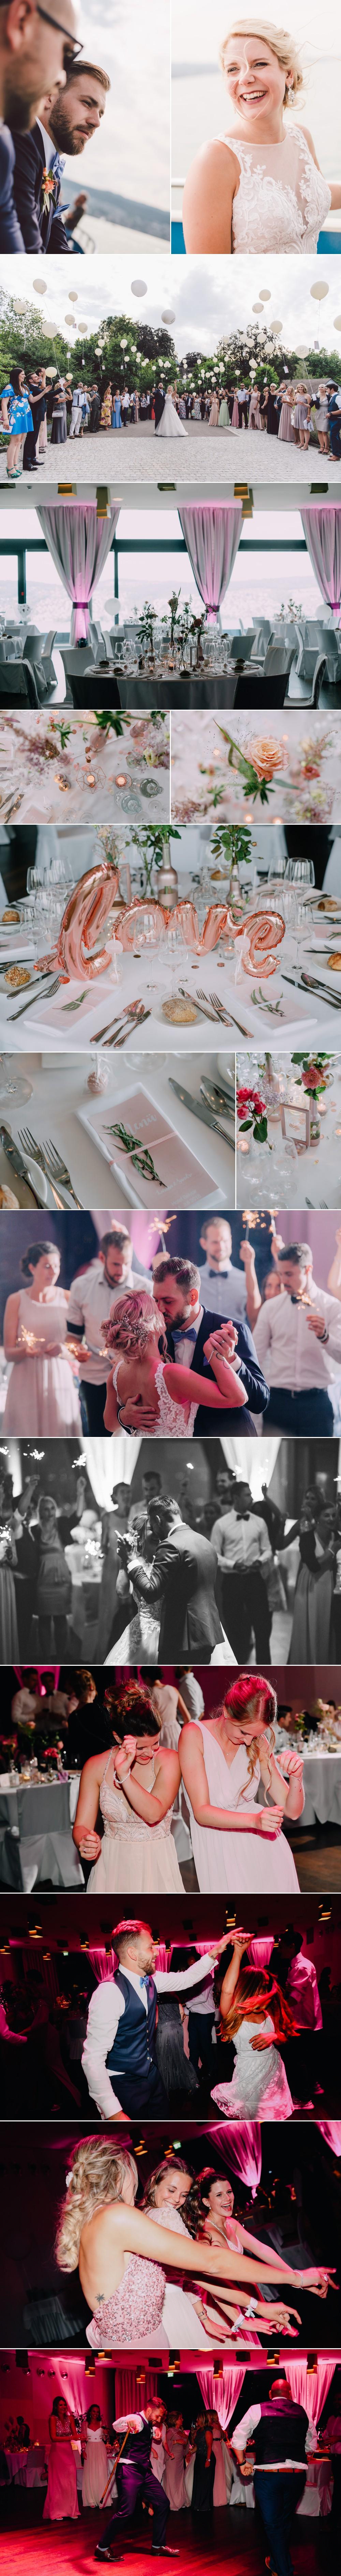 Sami Harush ist Hochzeitsfotograf aus Zürich